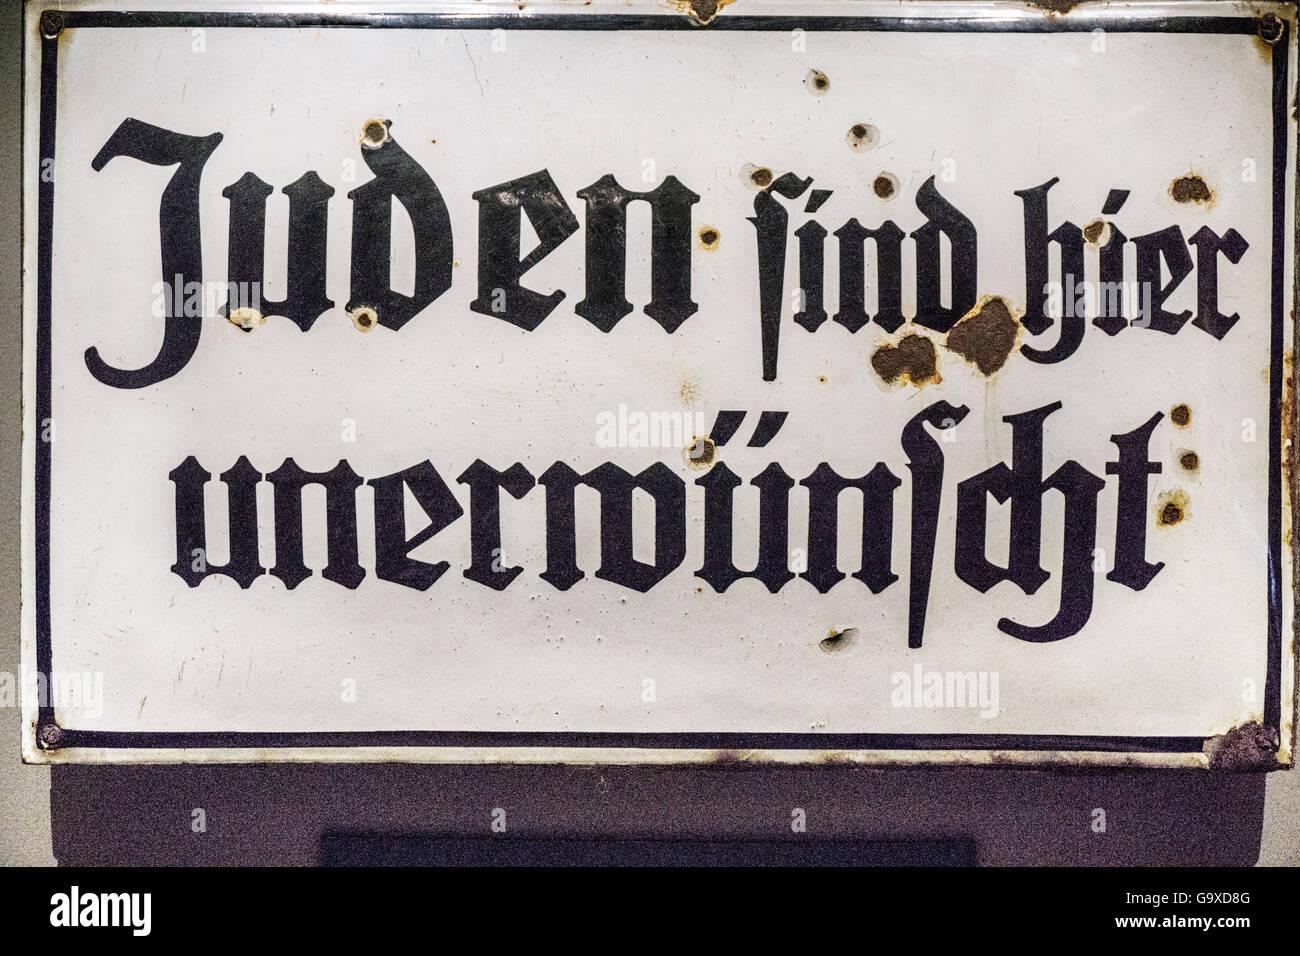 rostet weiße Emaille Metall Schild möglicherweise im Restaurant in dunklen giftige Skript mit Worten, die Juden Stockfoto